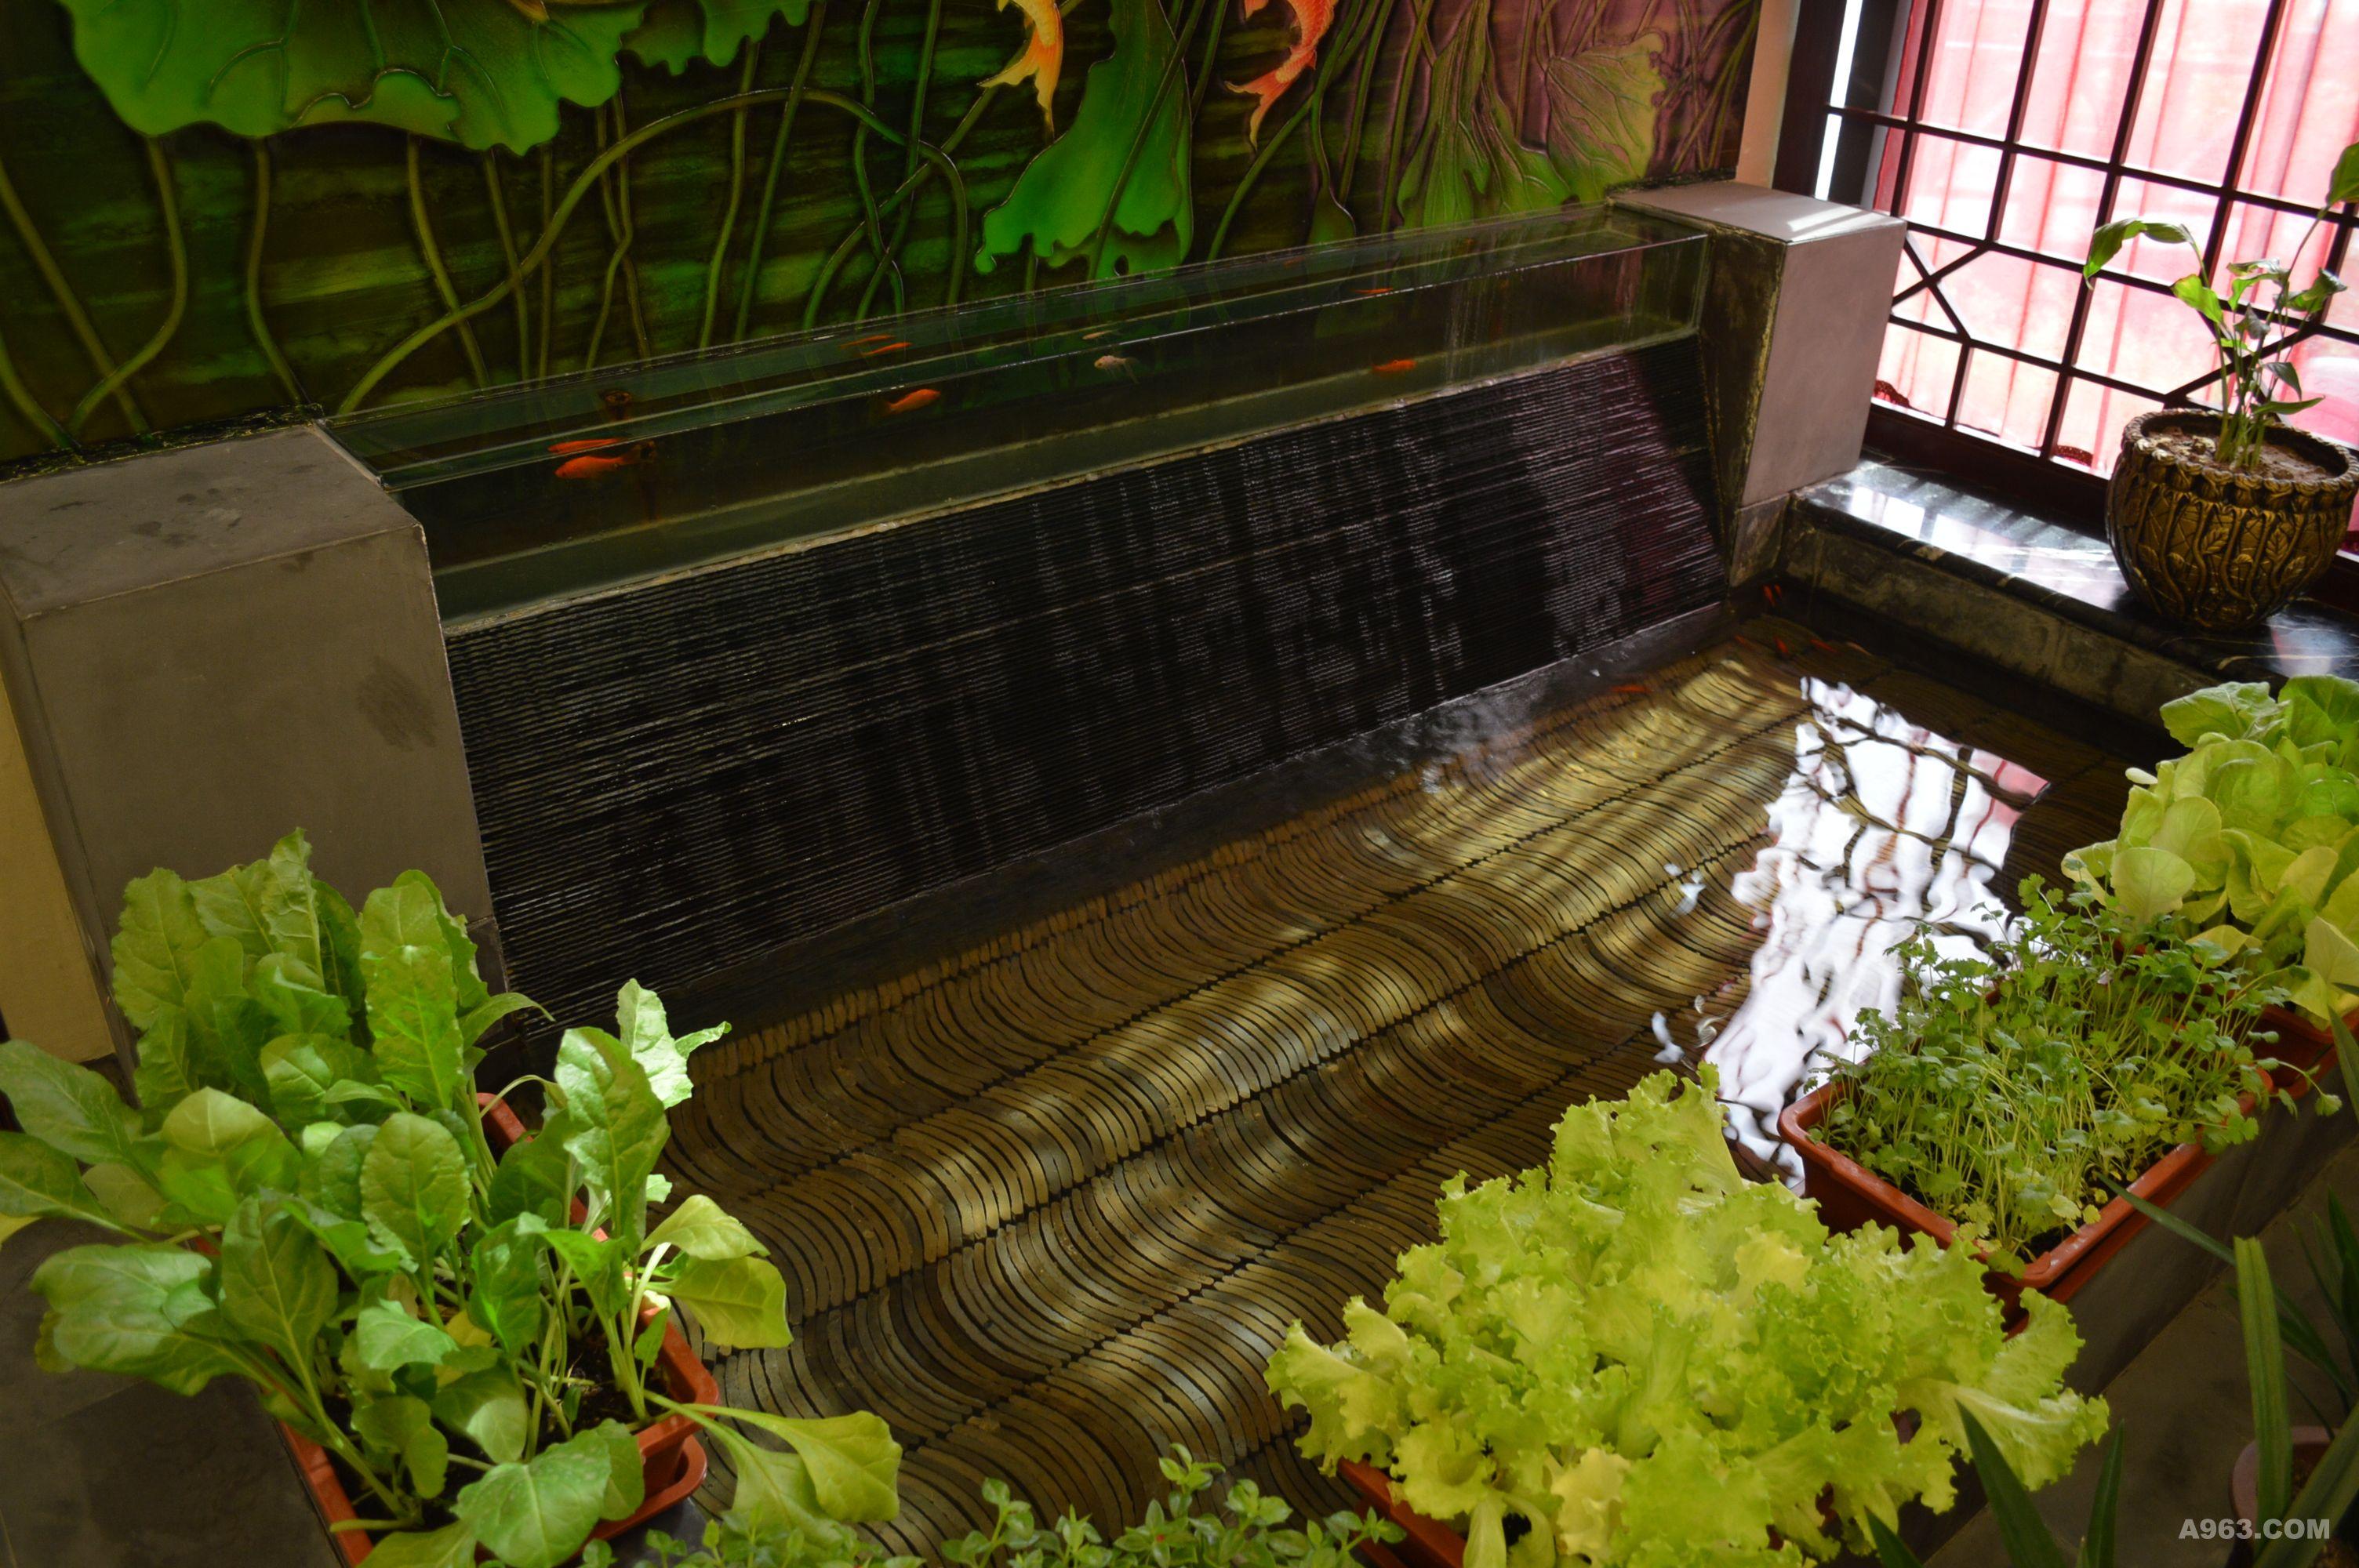 入户的空间用从蓝天到河水之间定制的玻璃起到防水的作用,下面 水系是玻璃跌级的水池,底下用瓦片排列的视觉打破了水的单调,池边 绿色无污染蔬菜是主人的挚爱,本方案充分体现大企业家对生活细节的 无微不至热情。